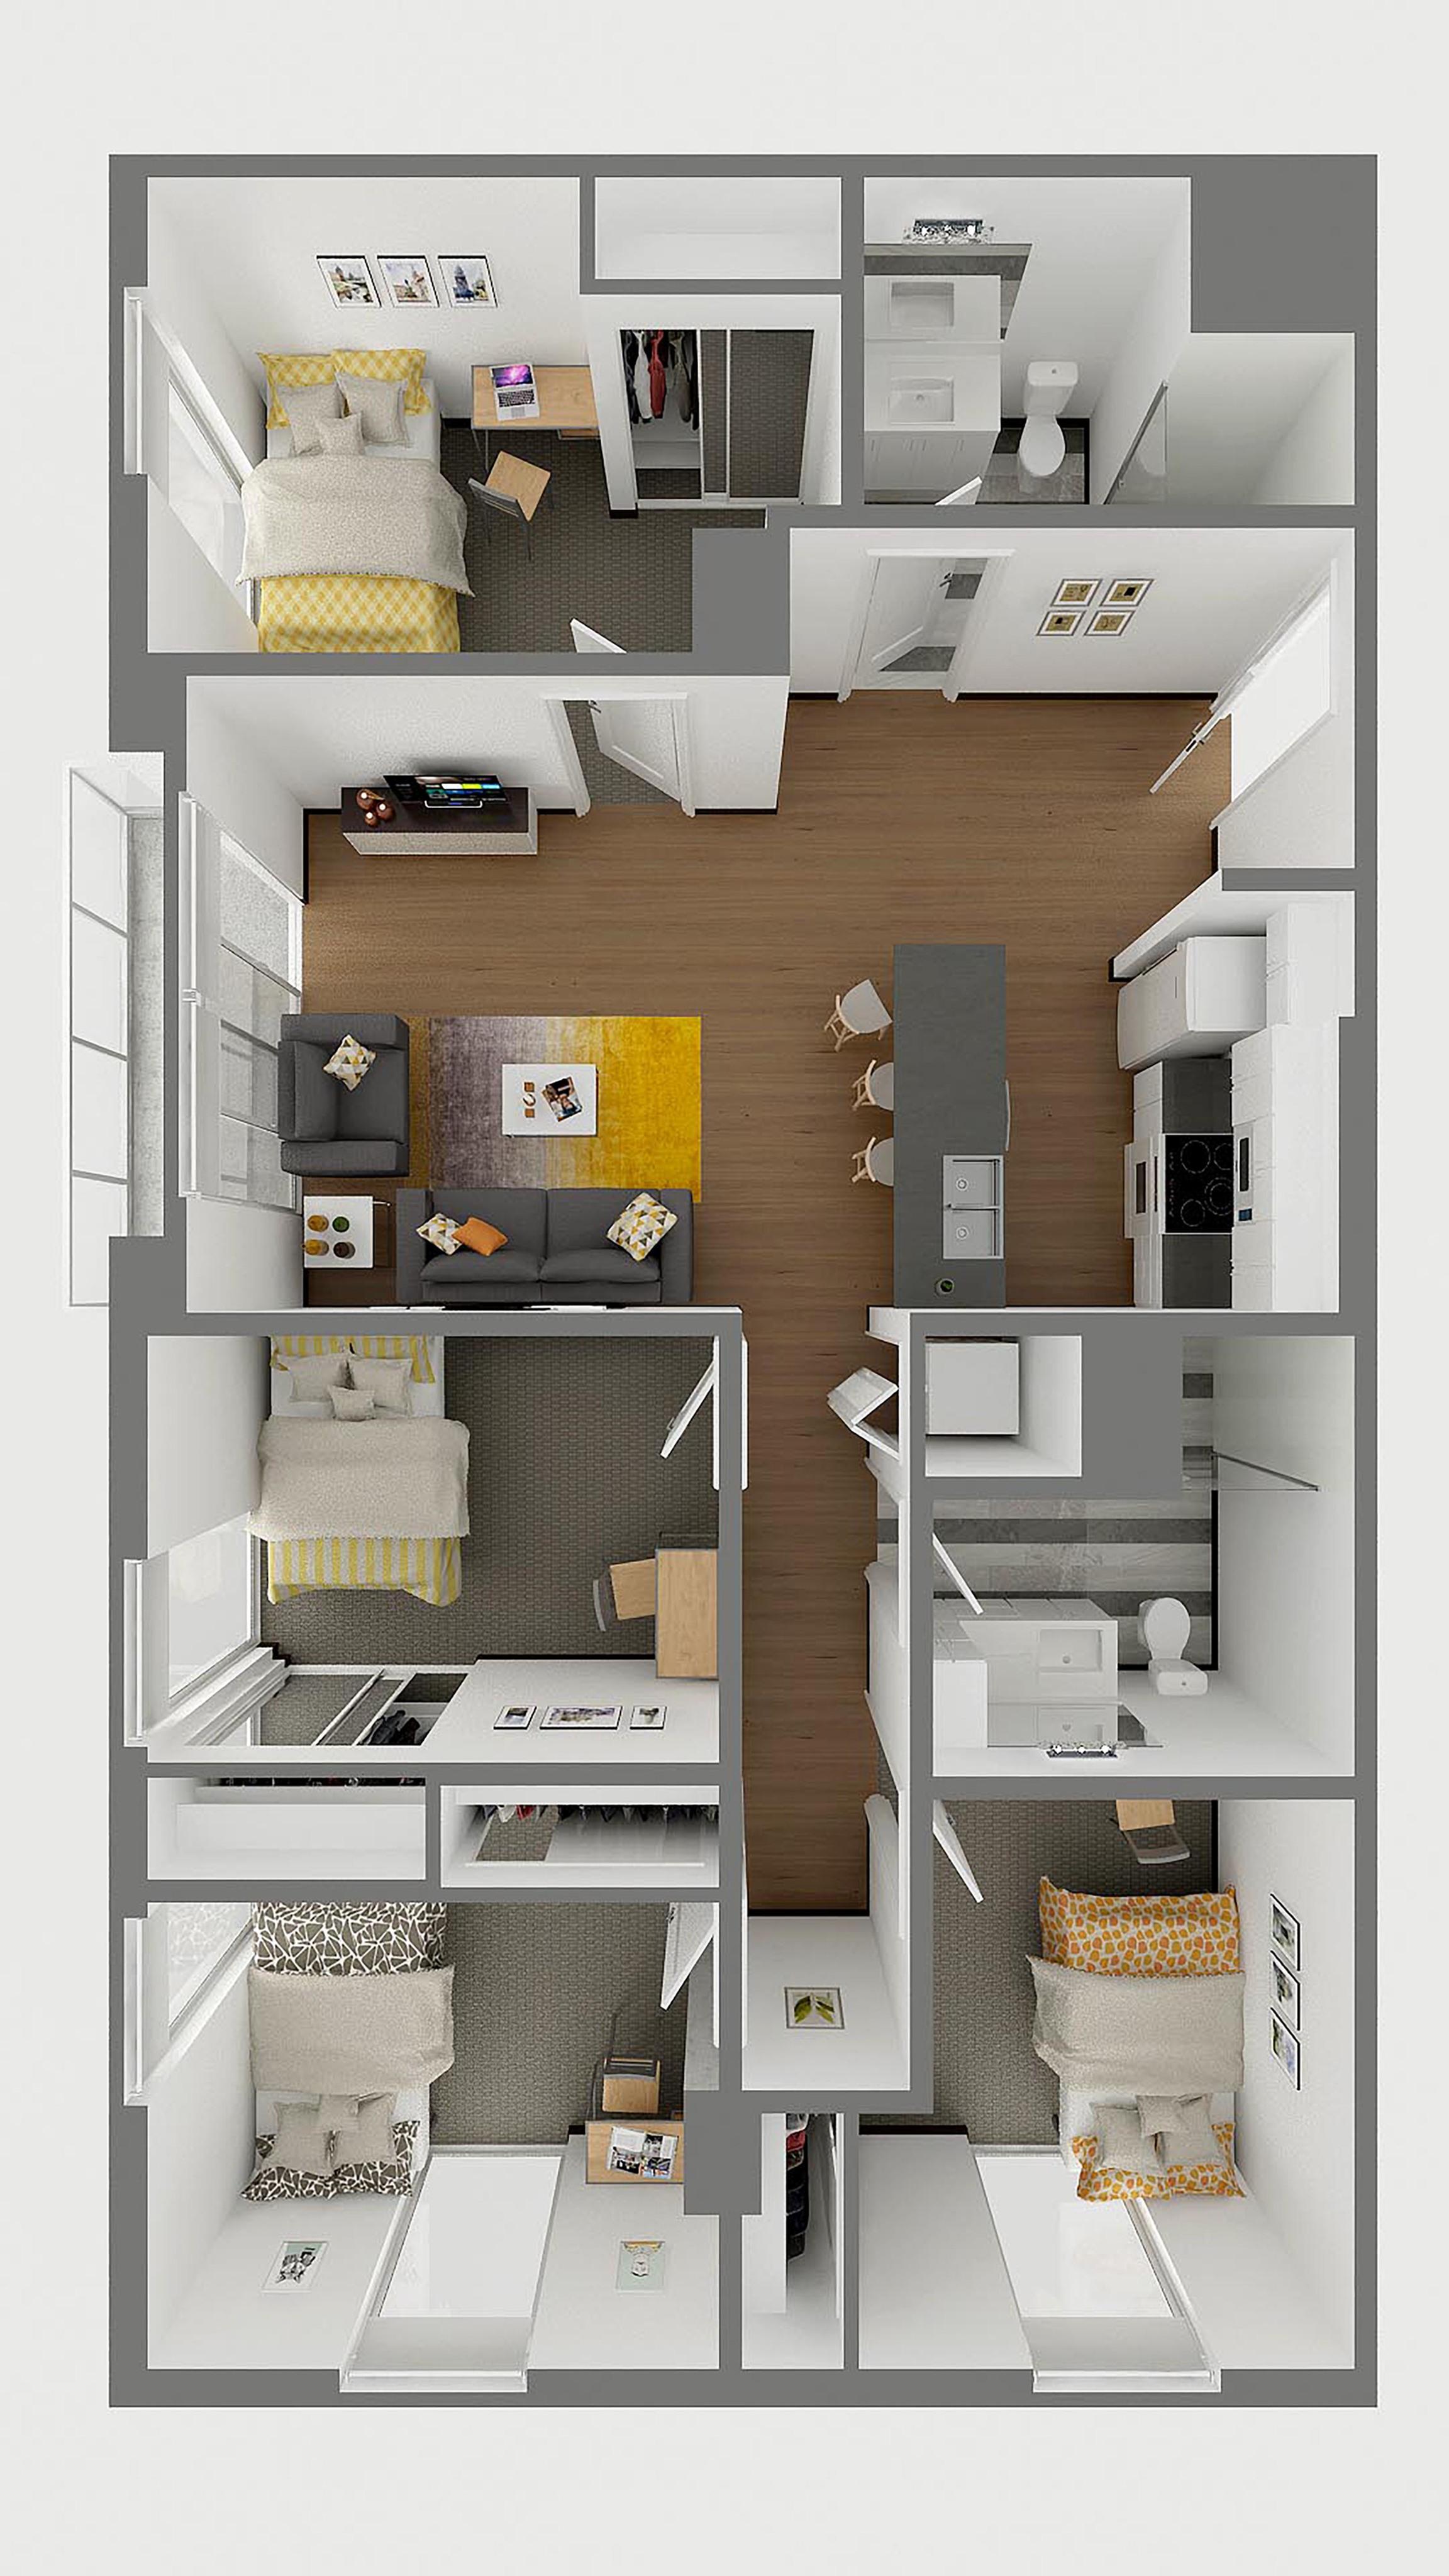 D1 Penthouse